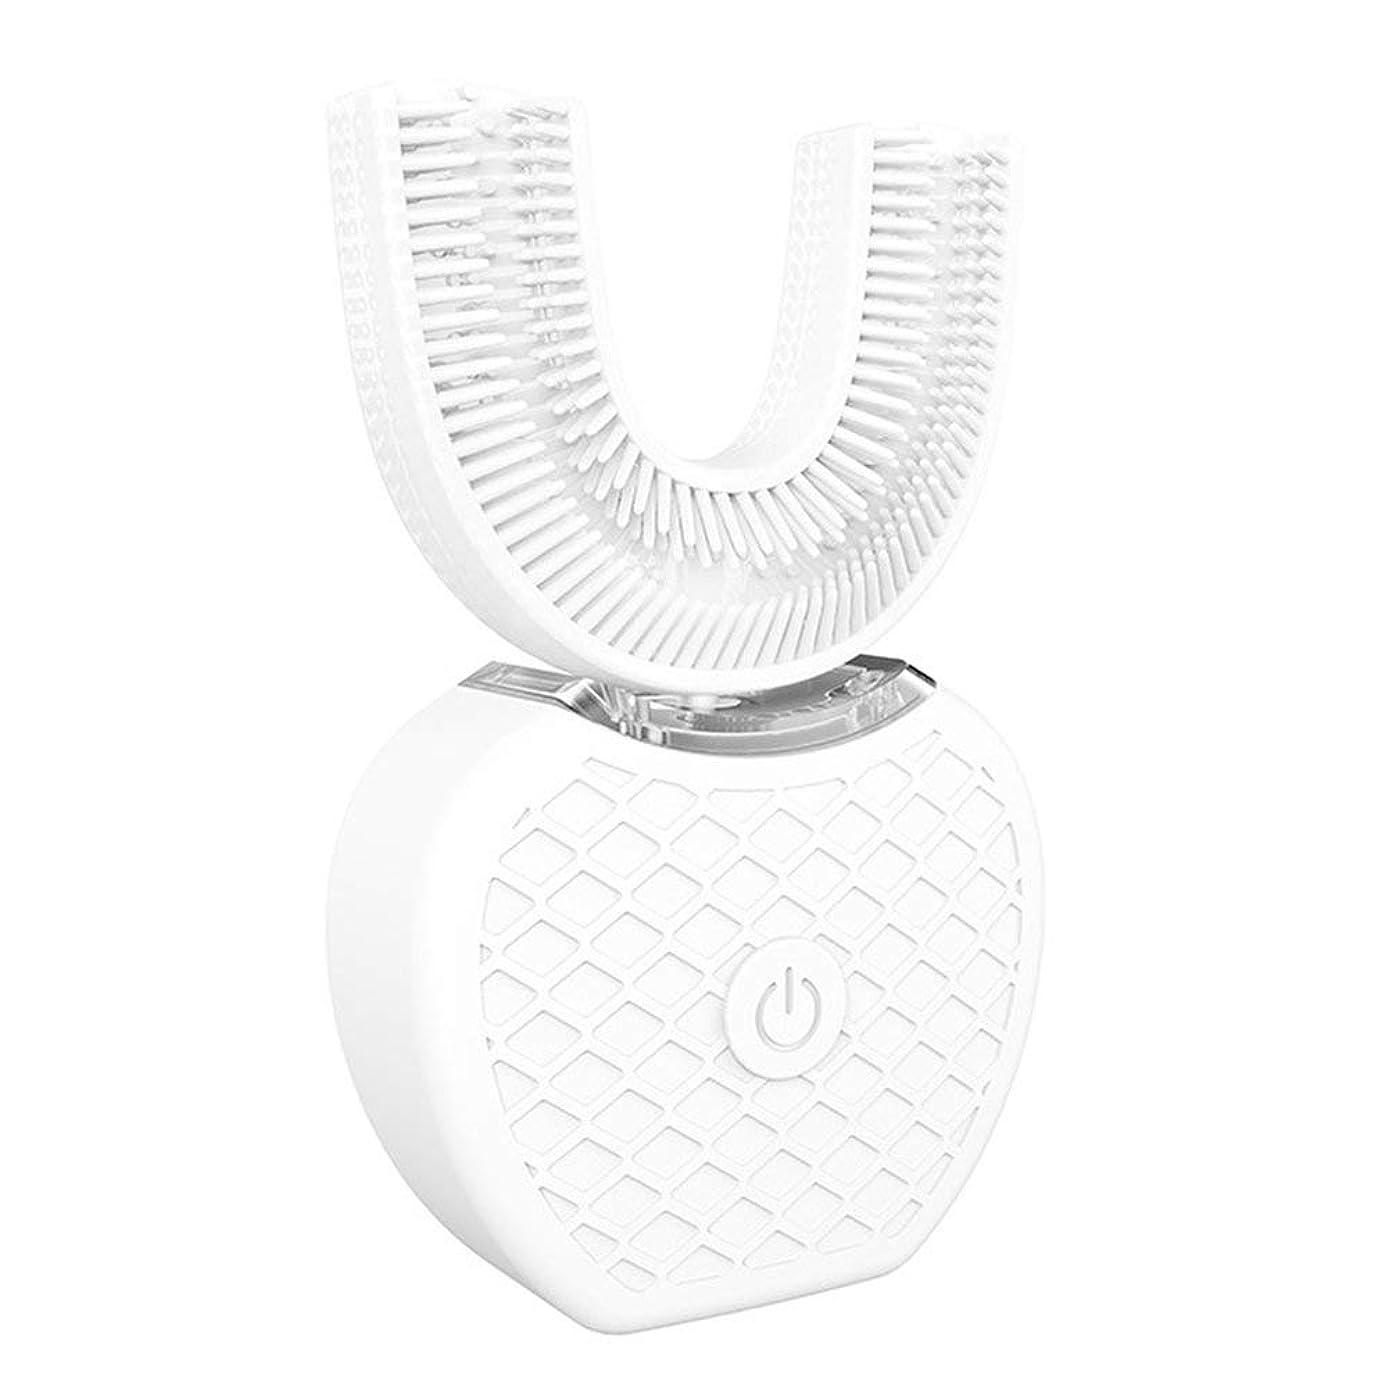 反抗森林パーツ360°ワイヤレス充電怠惰な自動ソニックシリコーン電動歯ブラシ - ホワイト